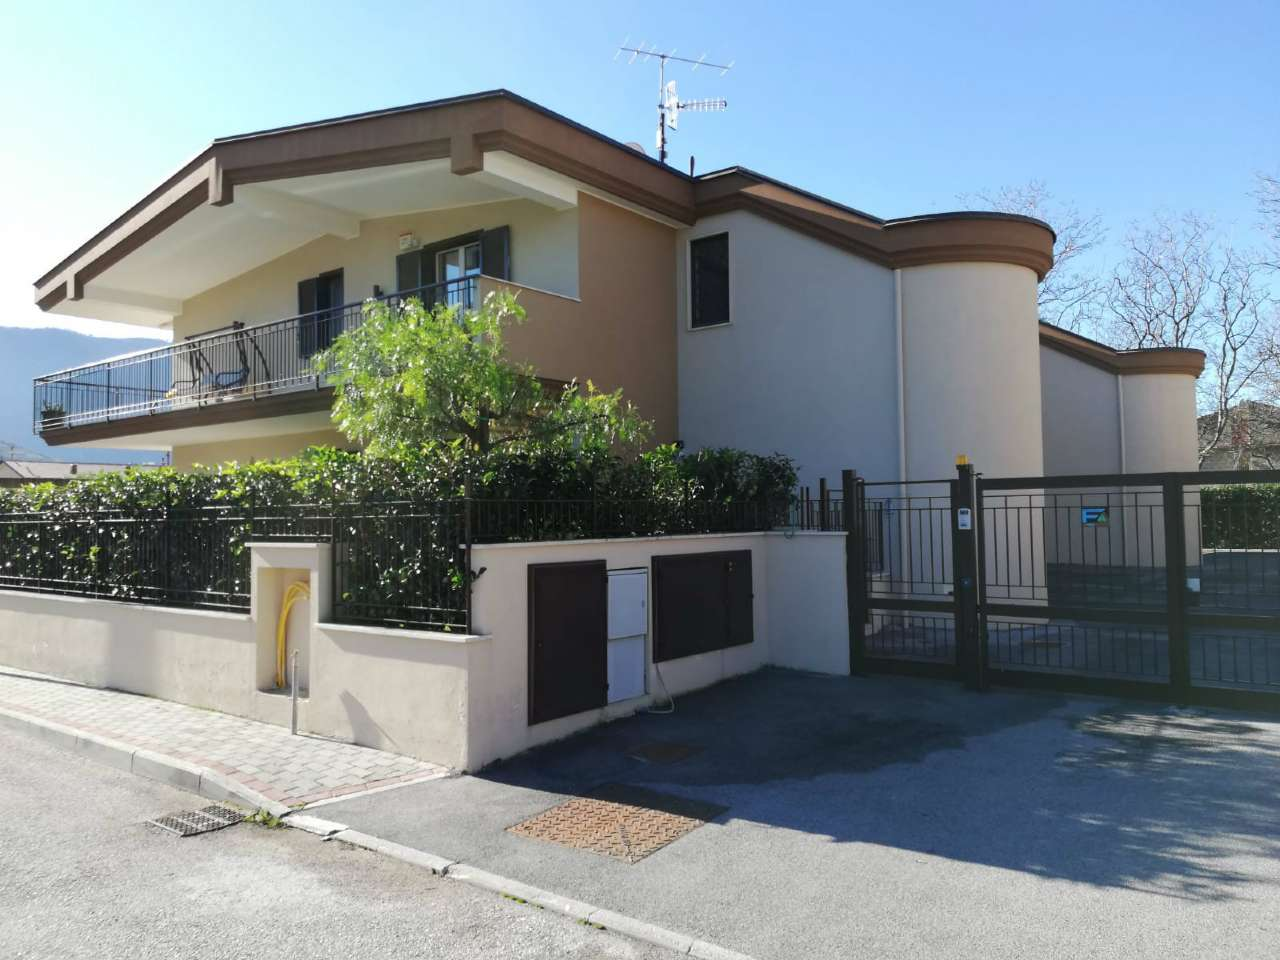 Appartamento in vendita a Arienzo, 5 locali, prezzo € 145.000 | CambioCasa.it